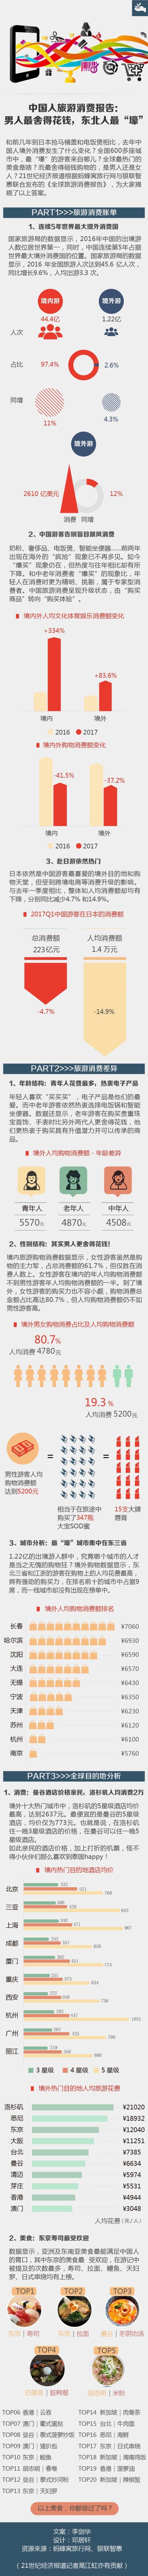 中国人旅游消费报告:男人更舍得花钱 东北人最壕